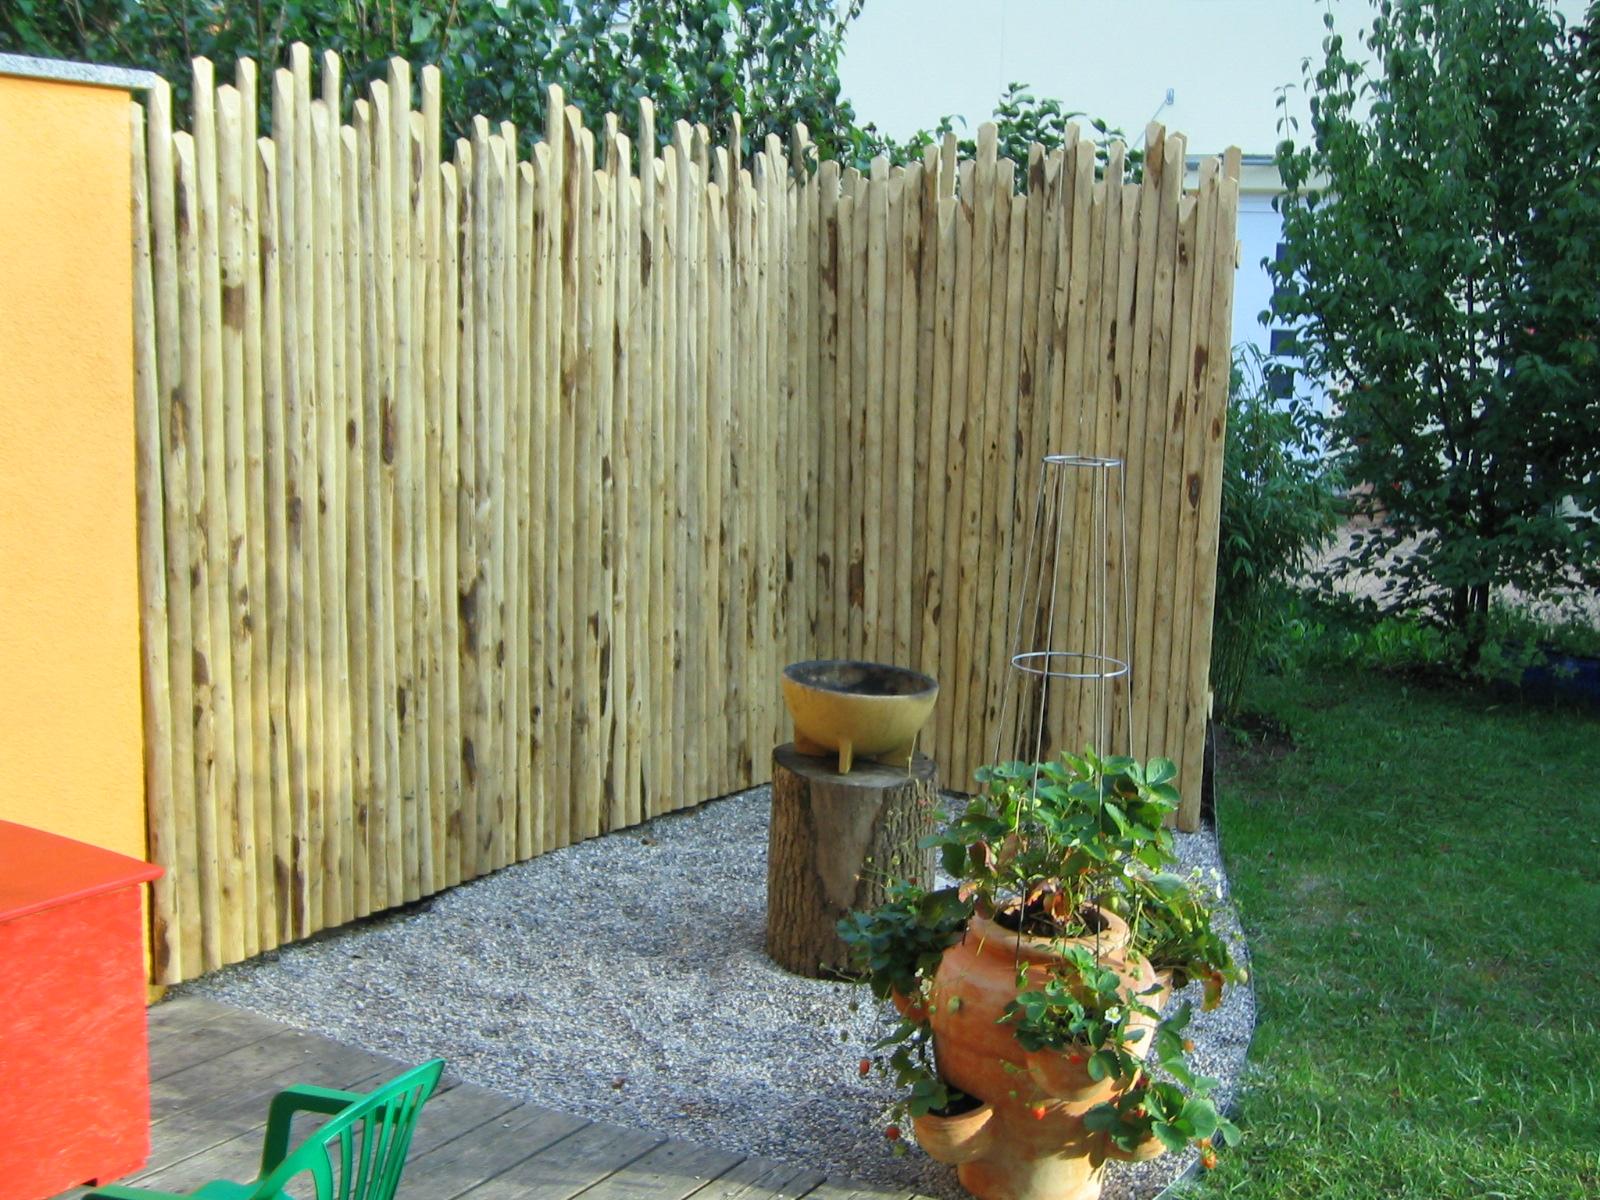 Garten Sichtschutz Selber Machen Rustikal With Garten Sichtschutz